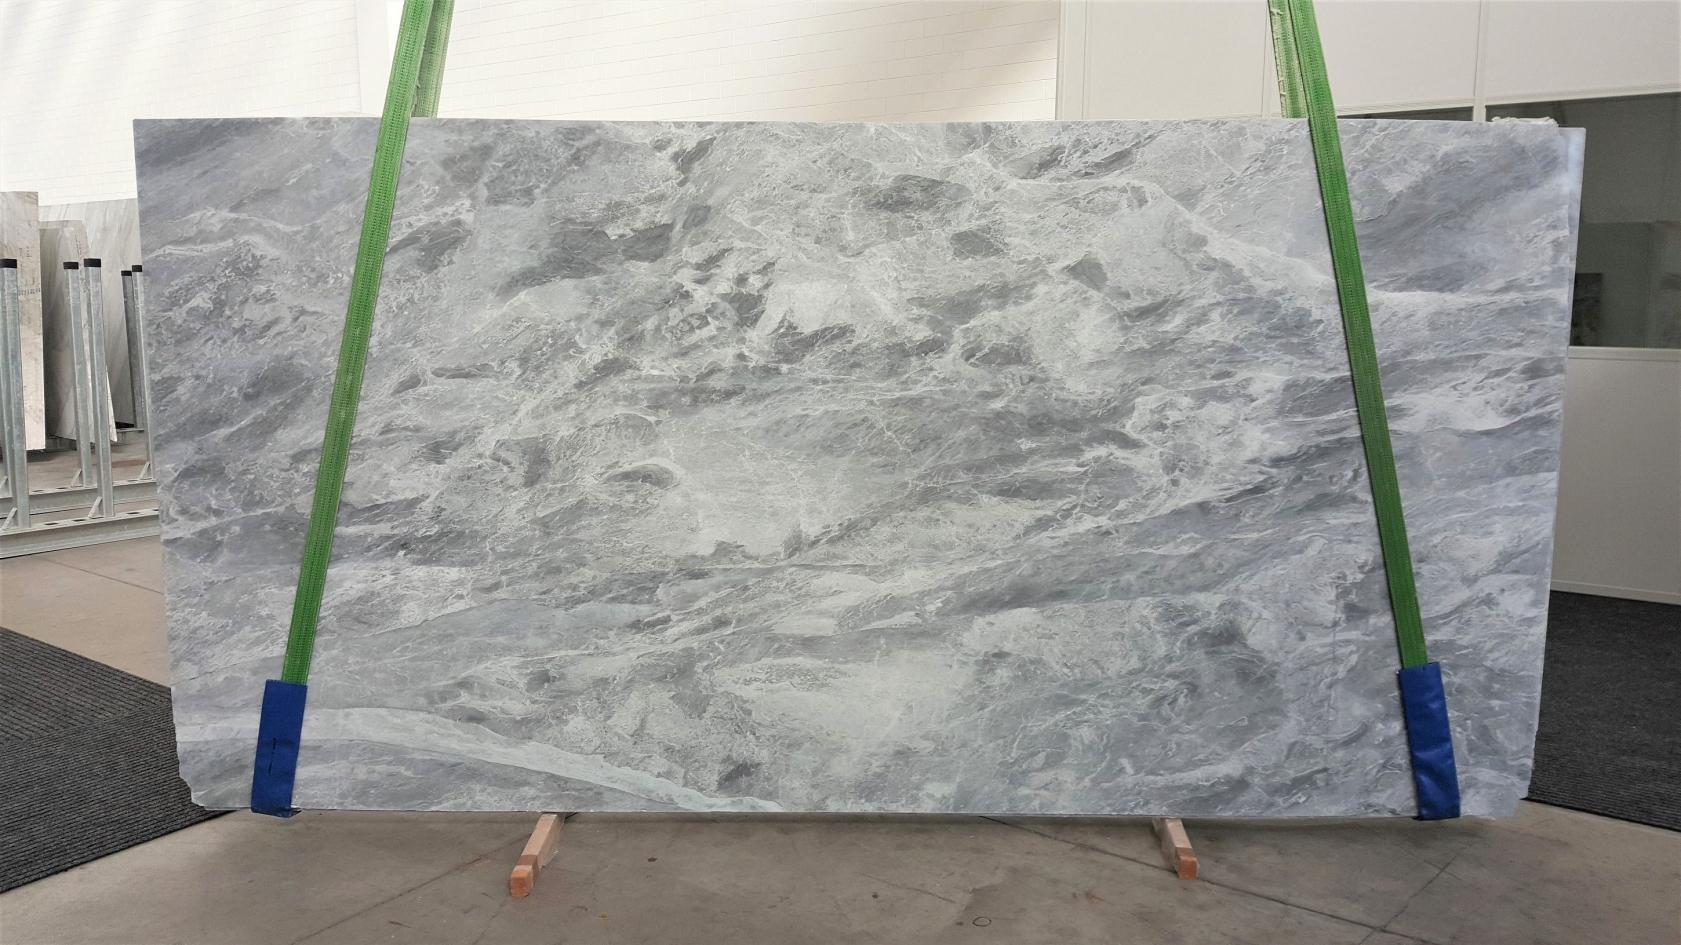 TRAMBISERA Suministro Veneto (Italia) de planchas pulidas en mármol natural GL 938 , Slab 24